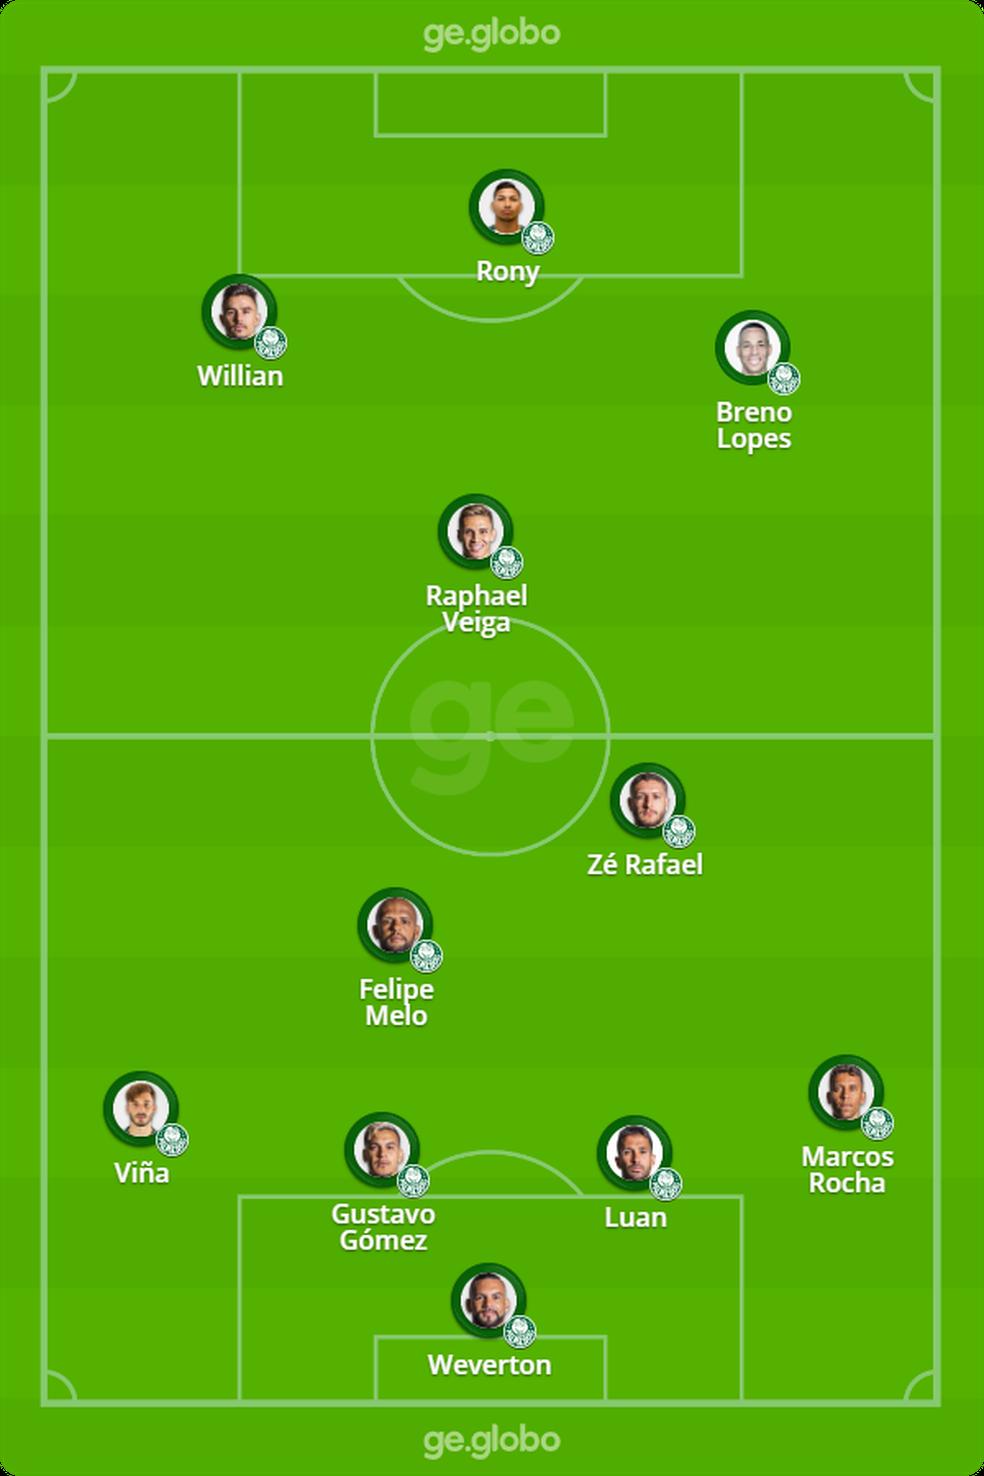 Provável escalação do Palmeiras para jogo deste domingo — Foto: ge